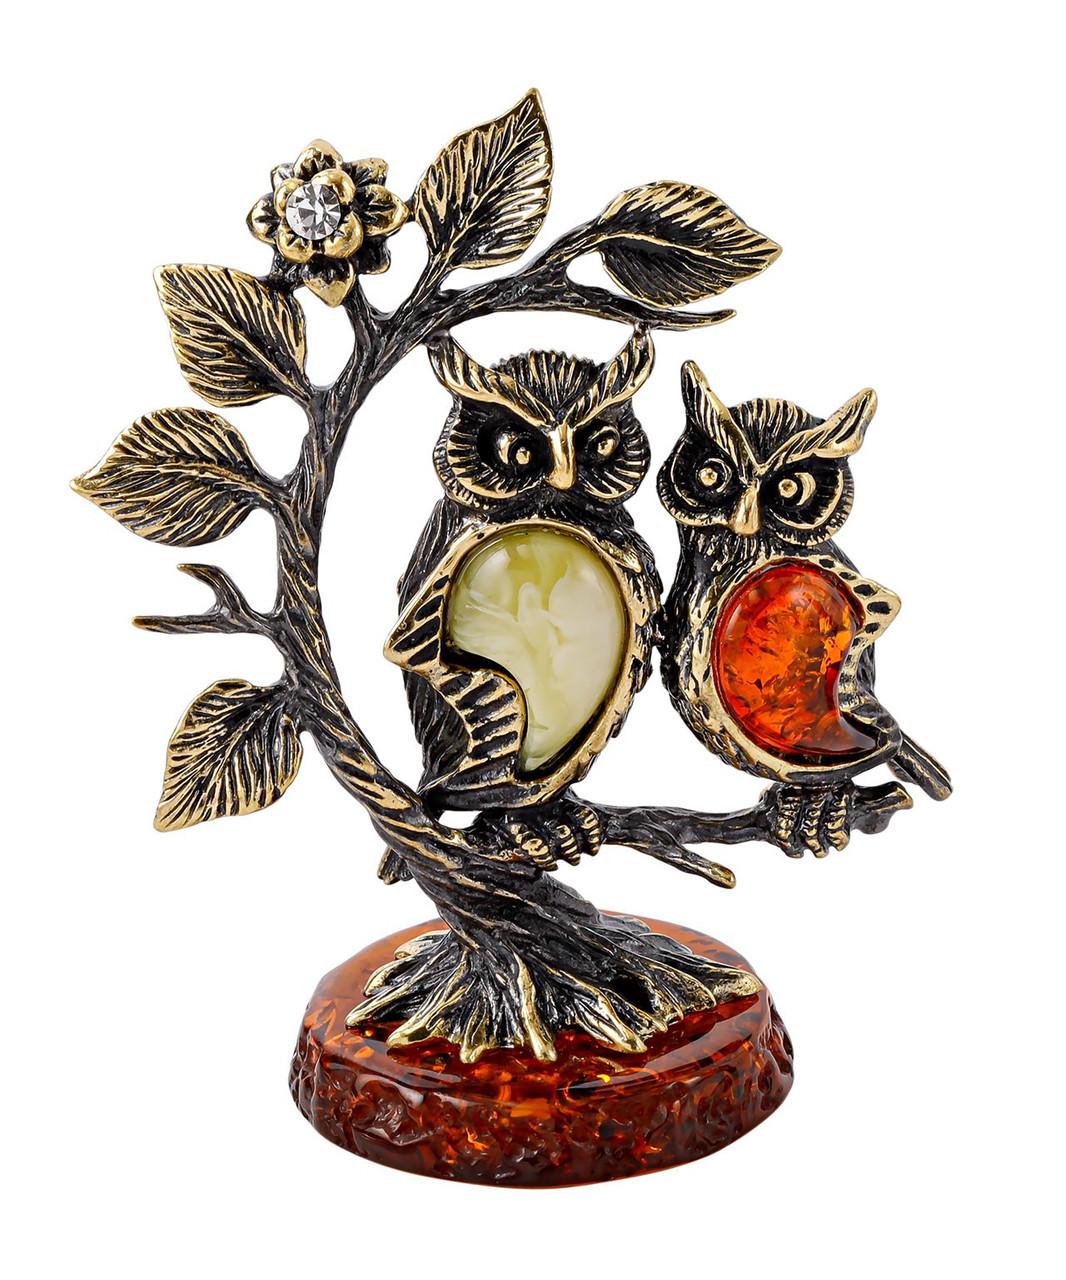 Фигурка Совушки подружки на дереве. Подставка из янтаря. Ручная работа